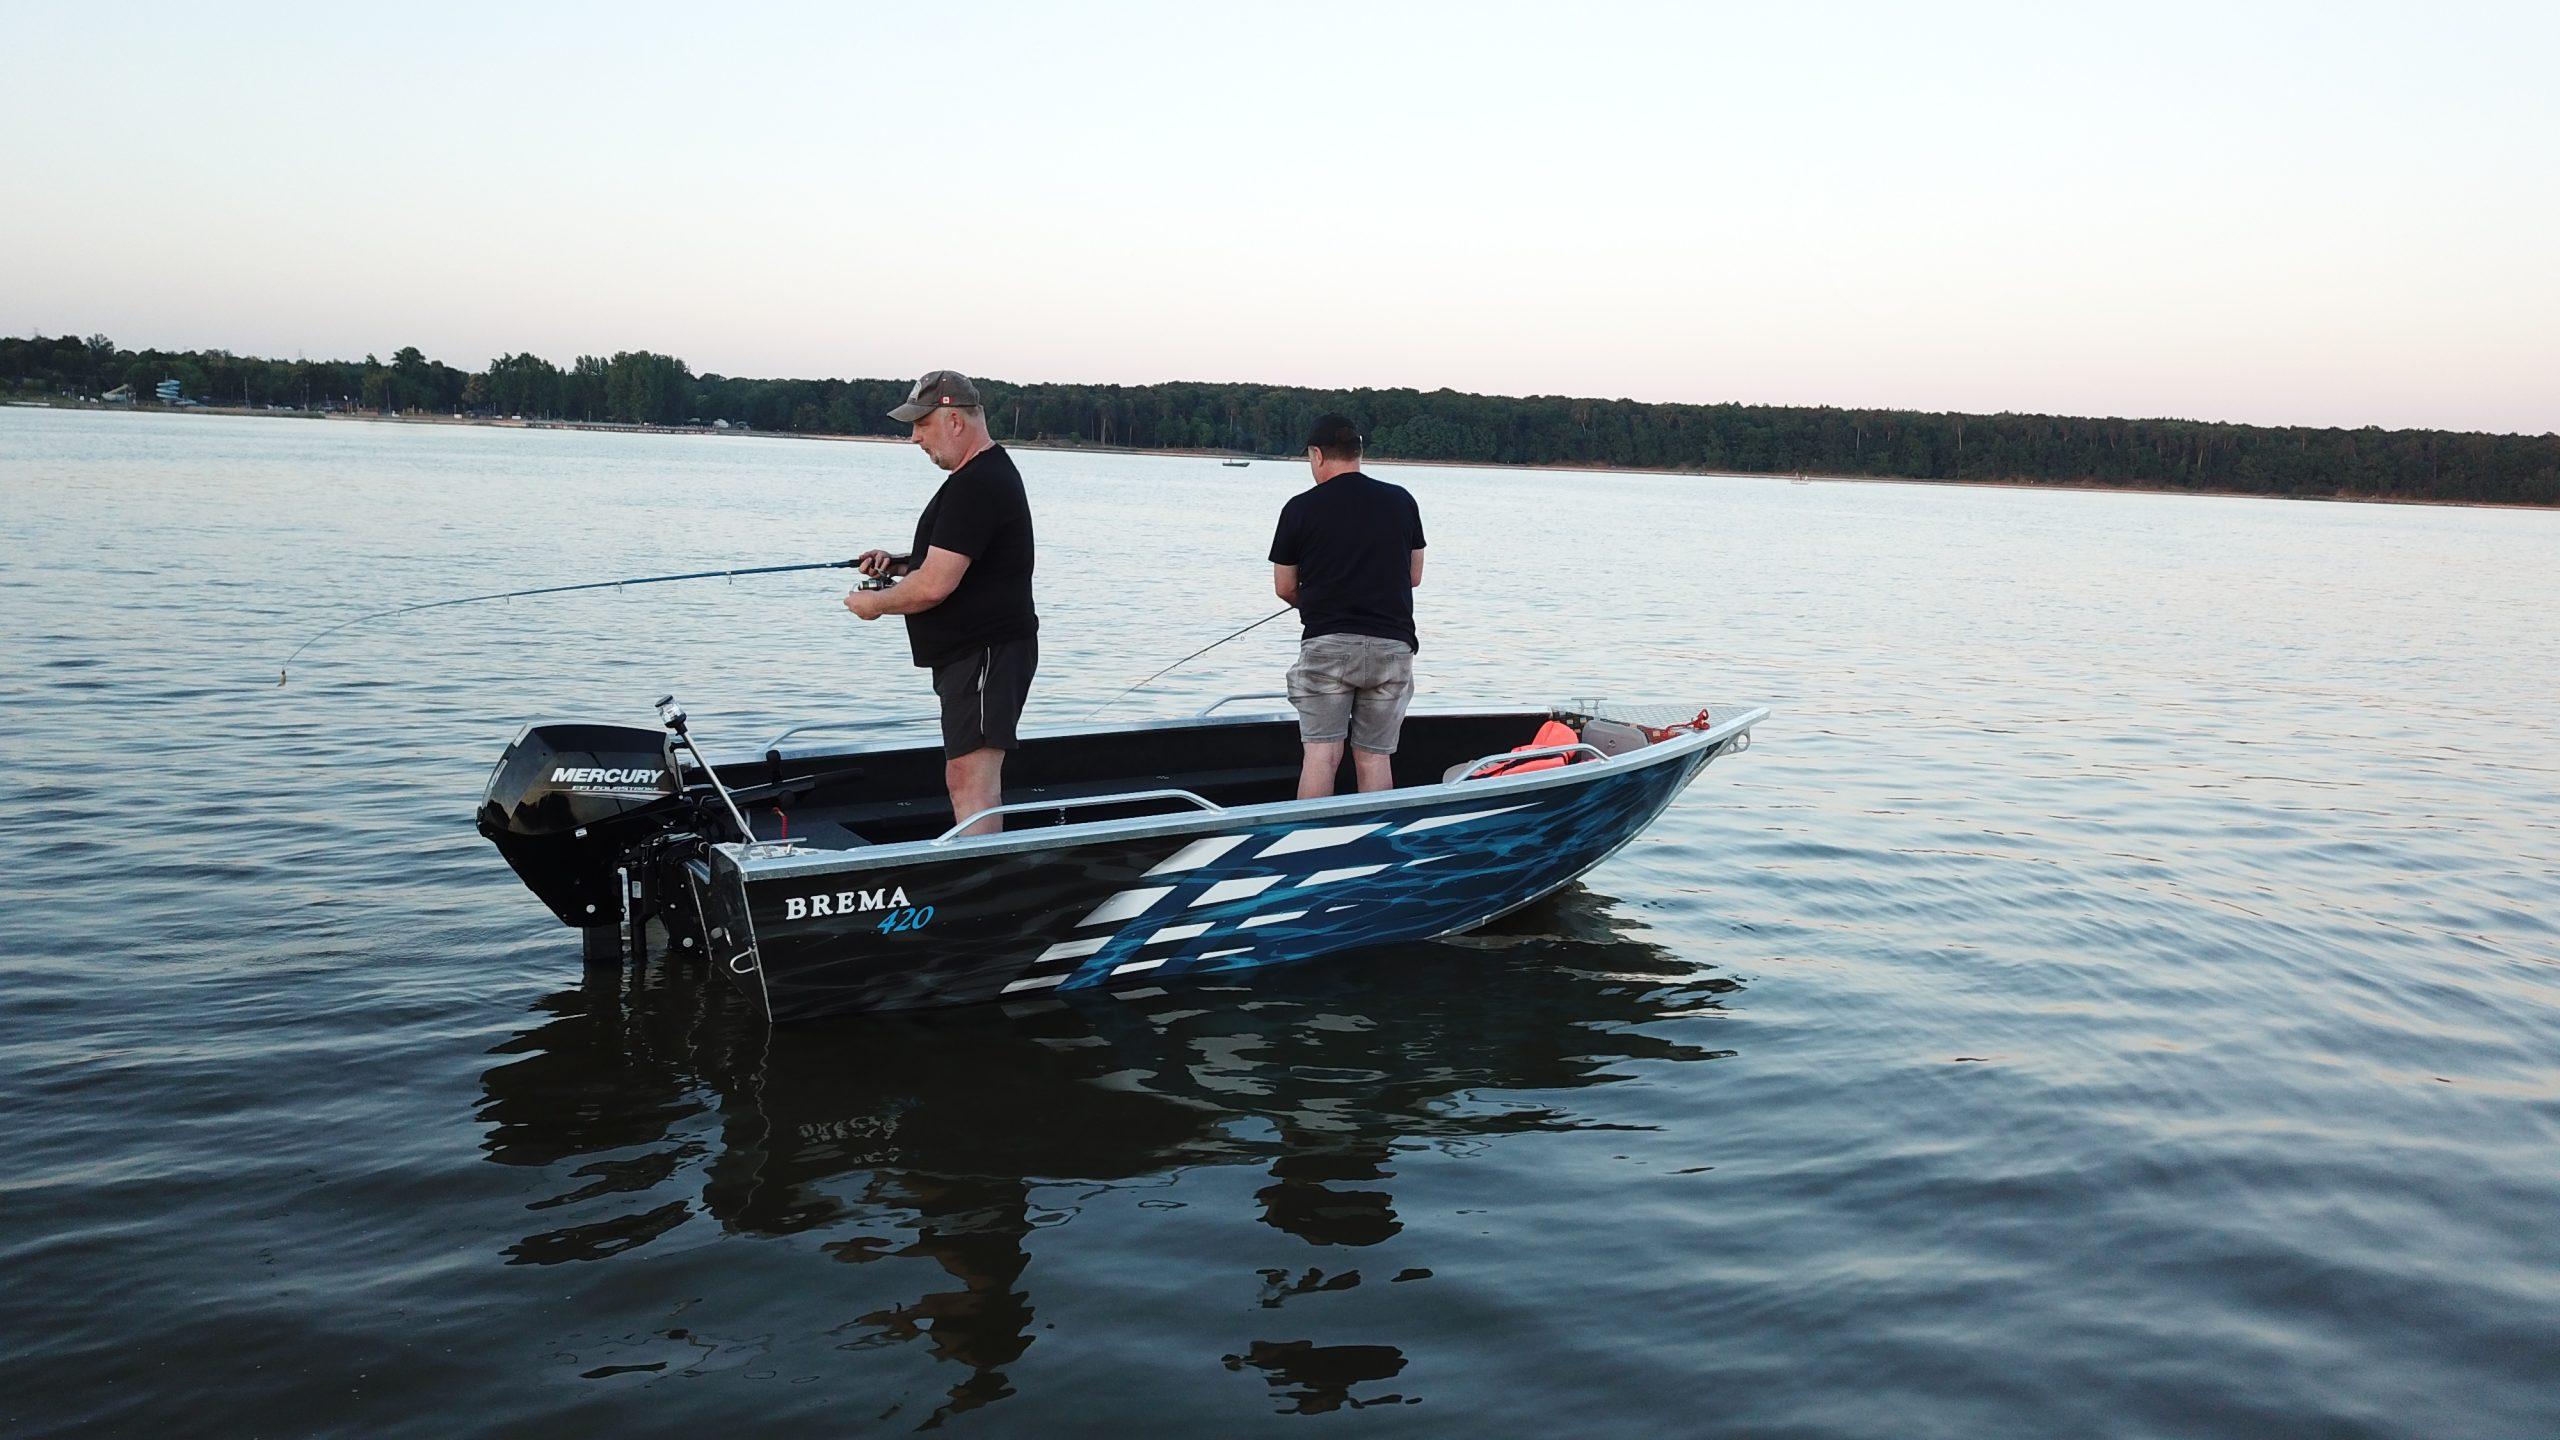 wędkarska łódź aluminiowa